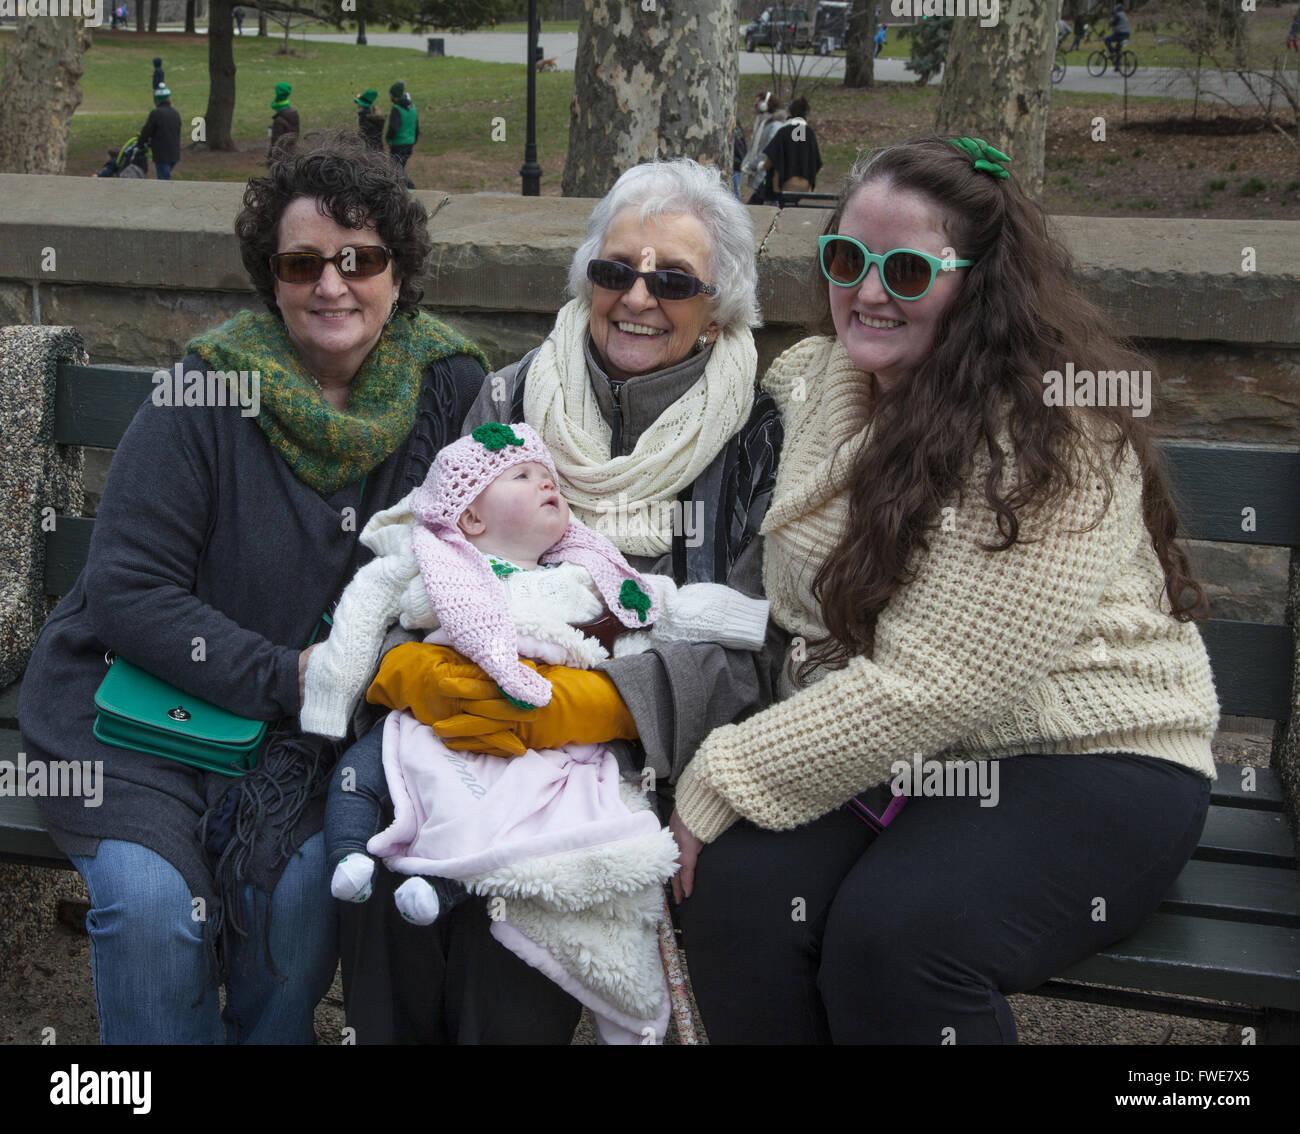 4 generations of women. Irish Parade, Park SLope, Brooklyn, NY. - Stock Image